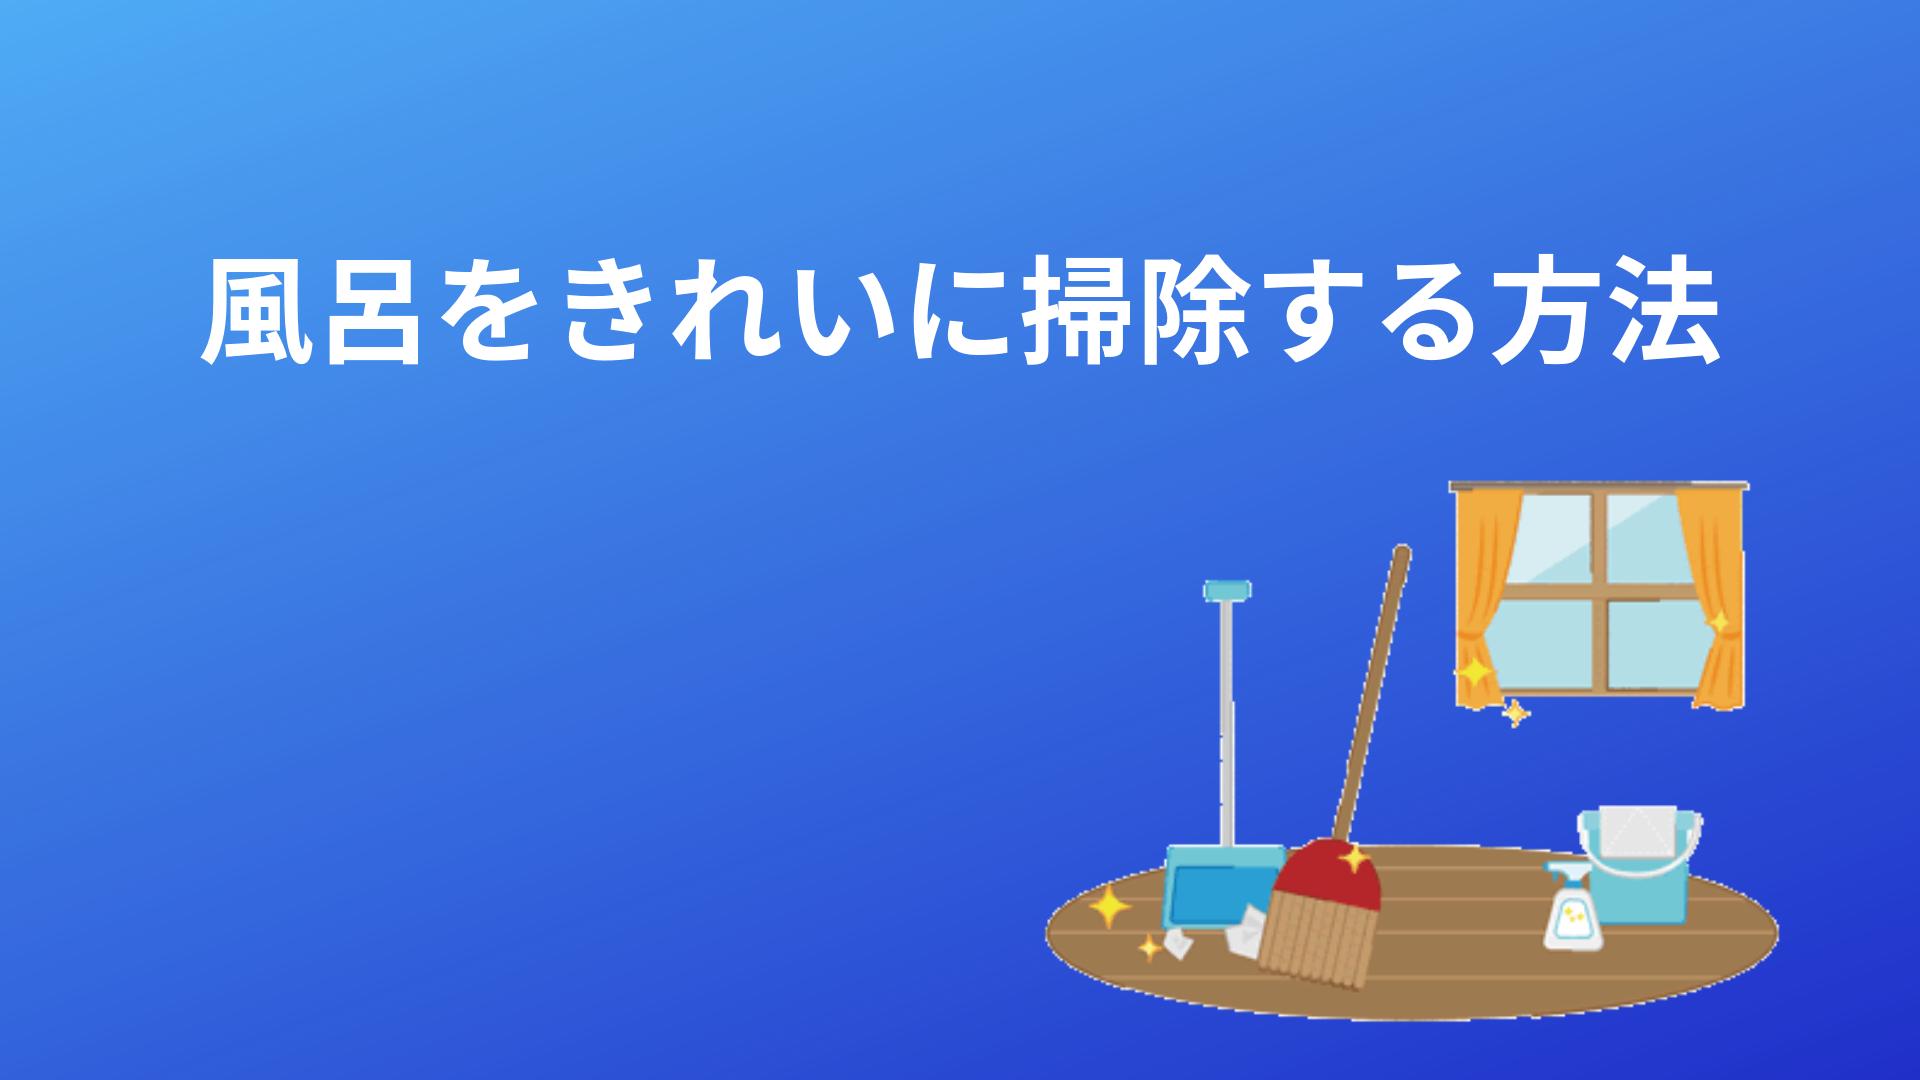 風呂をきれいに掃除する方法